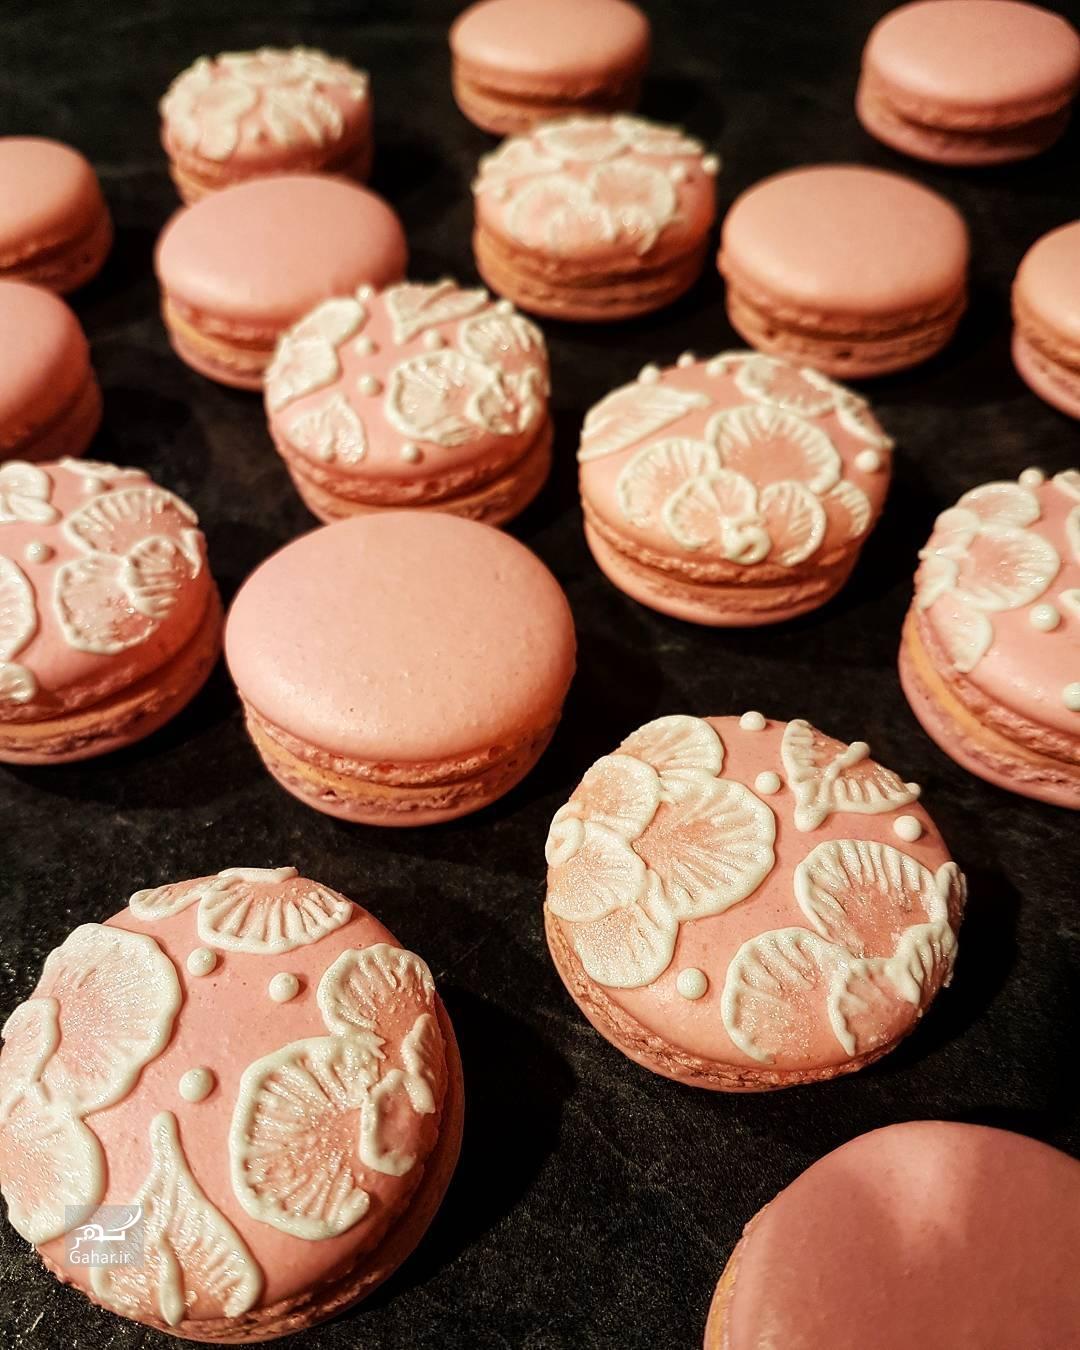 1486802737 تزئین شیرینی ماکارون به شکل های جالب ؛ عکس